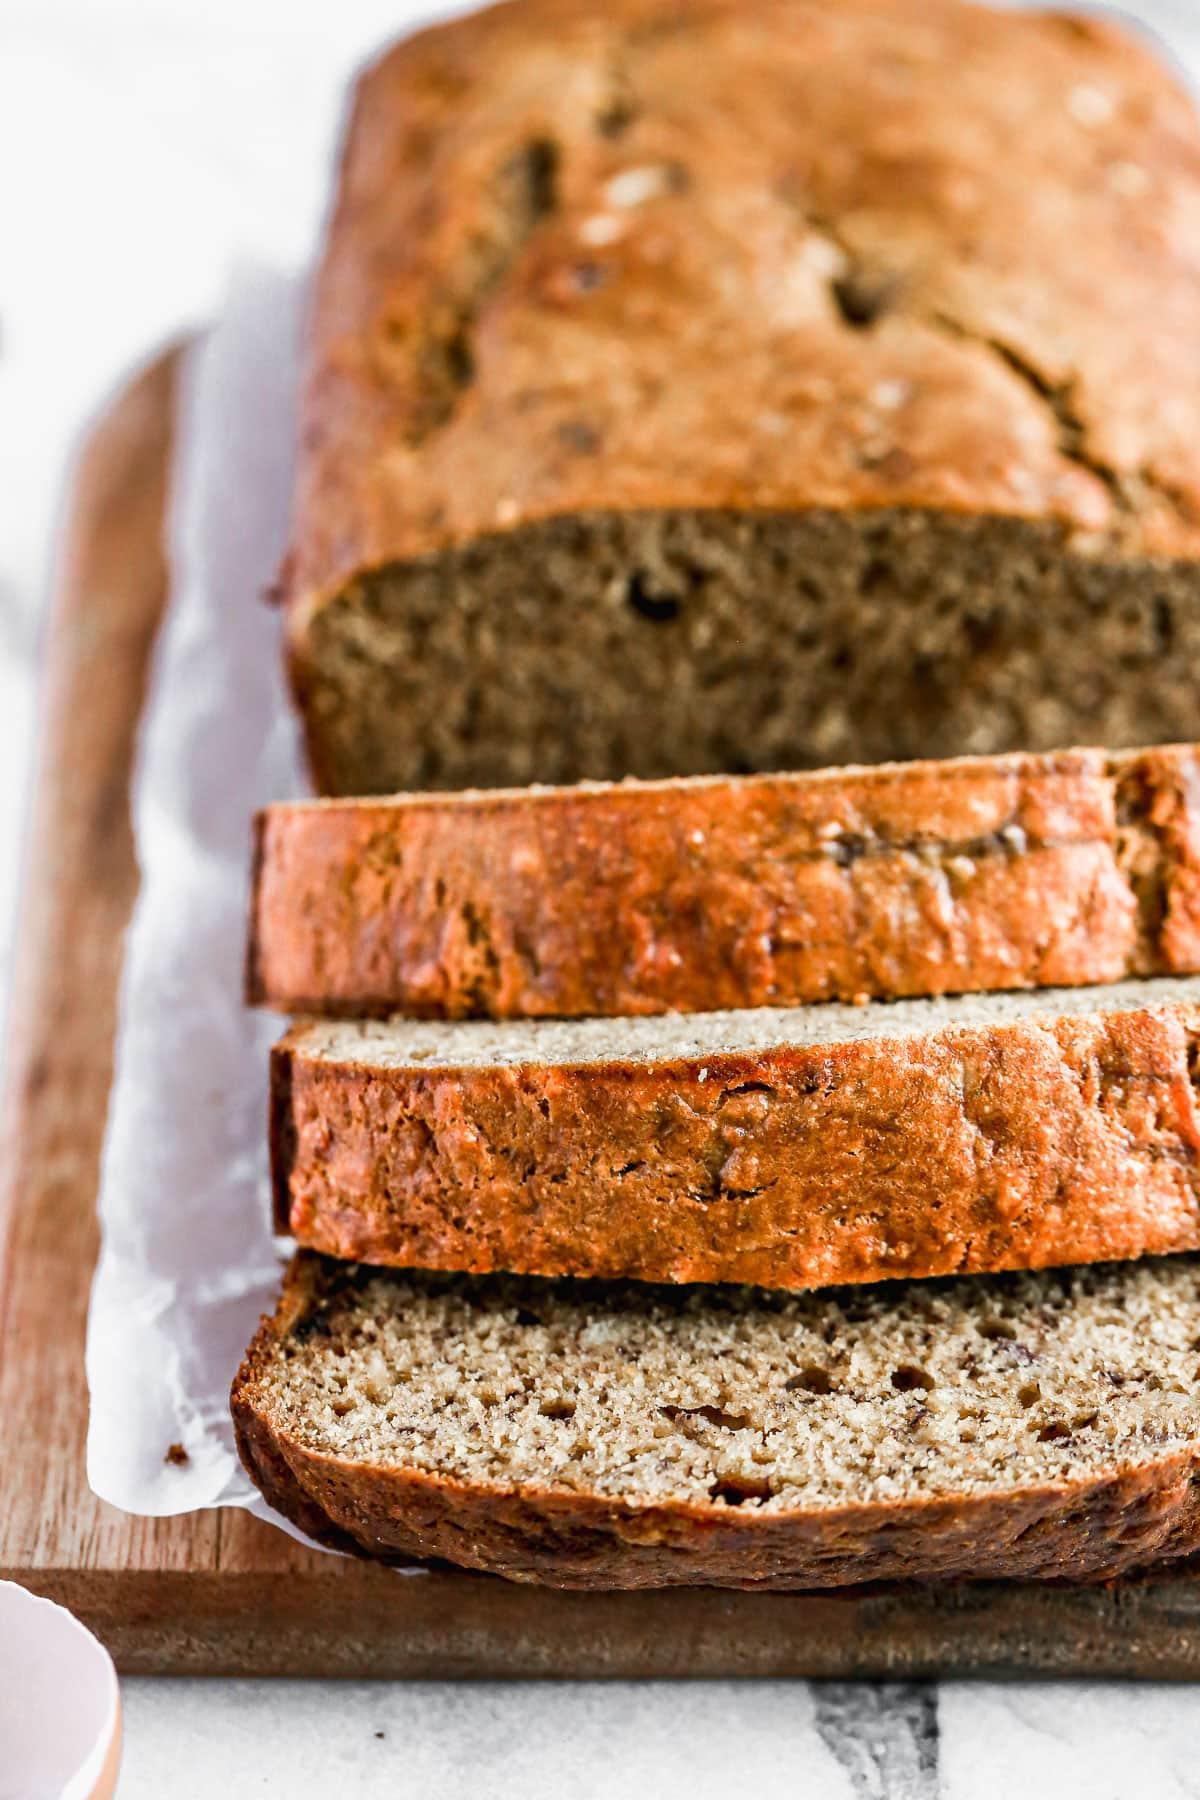 Sliced healthy banana bread